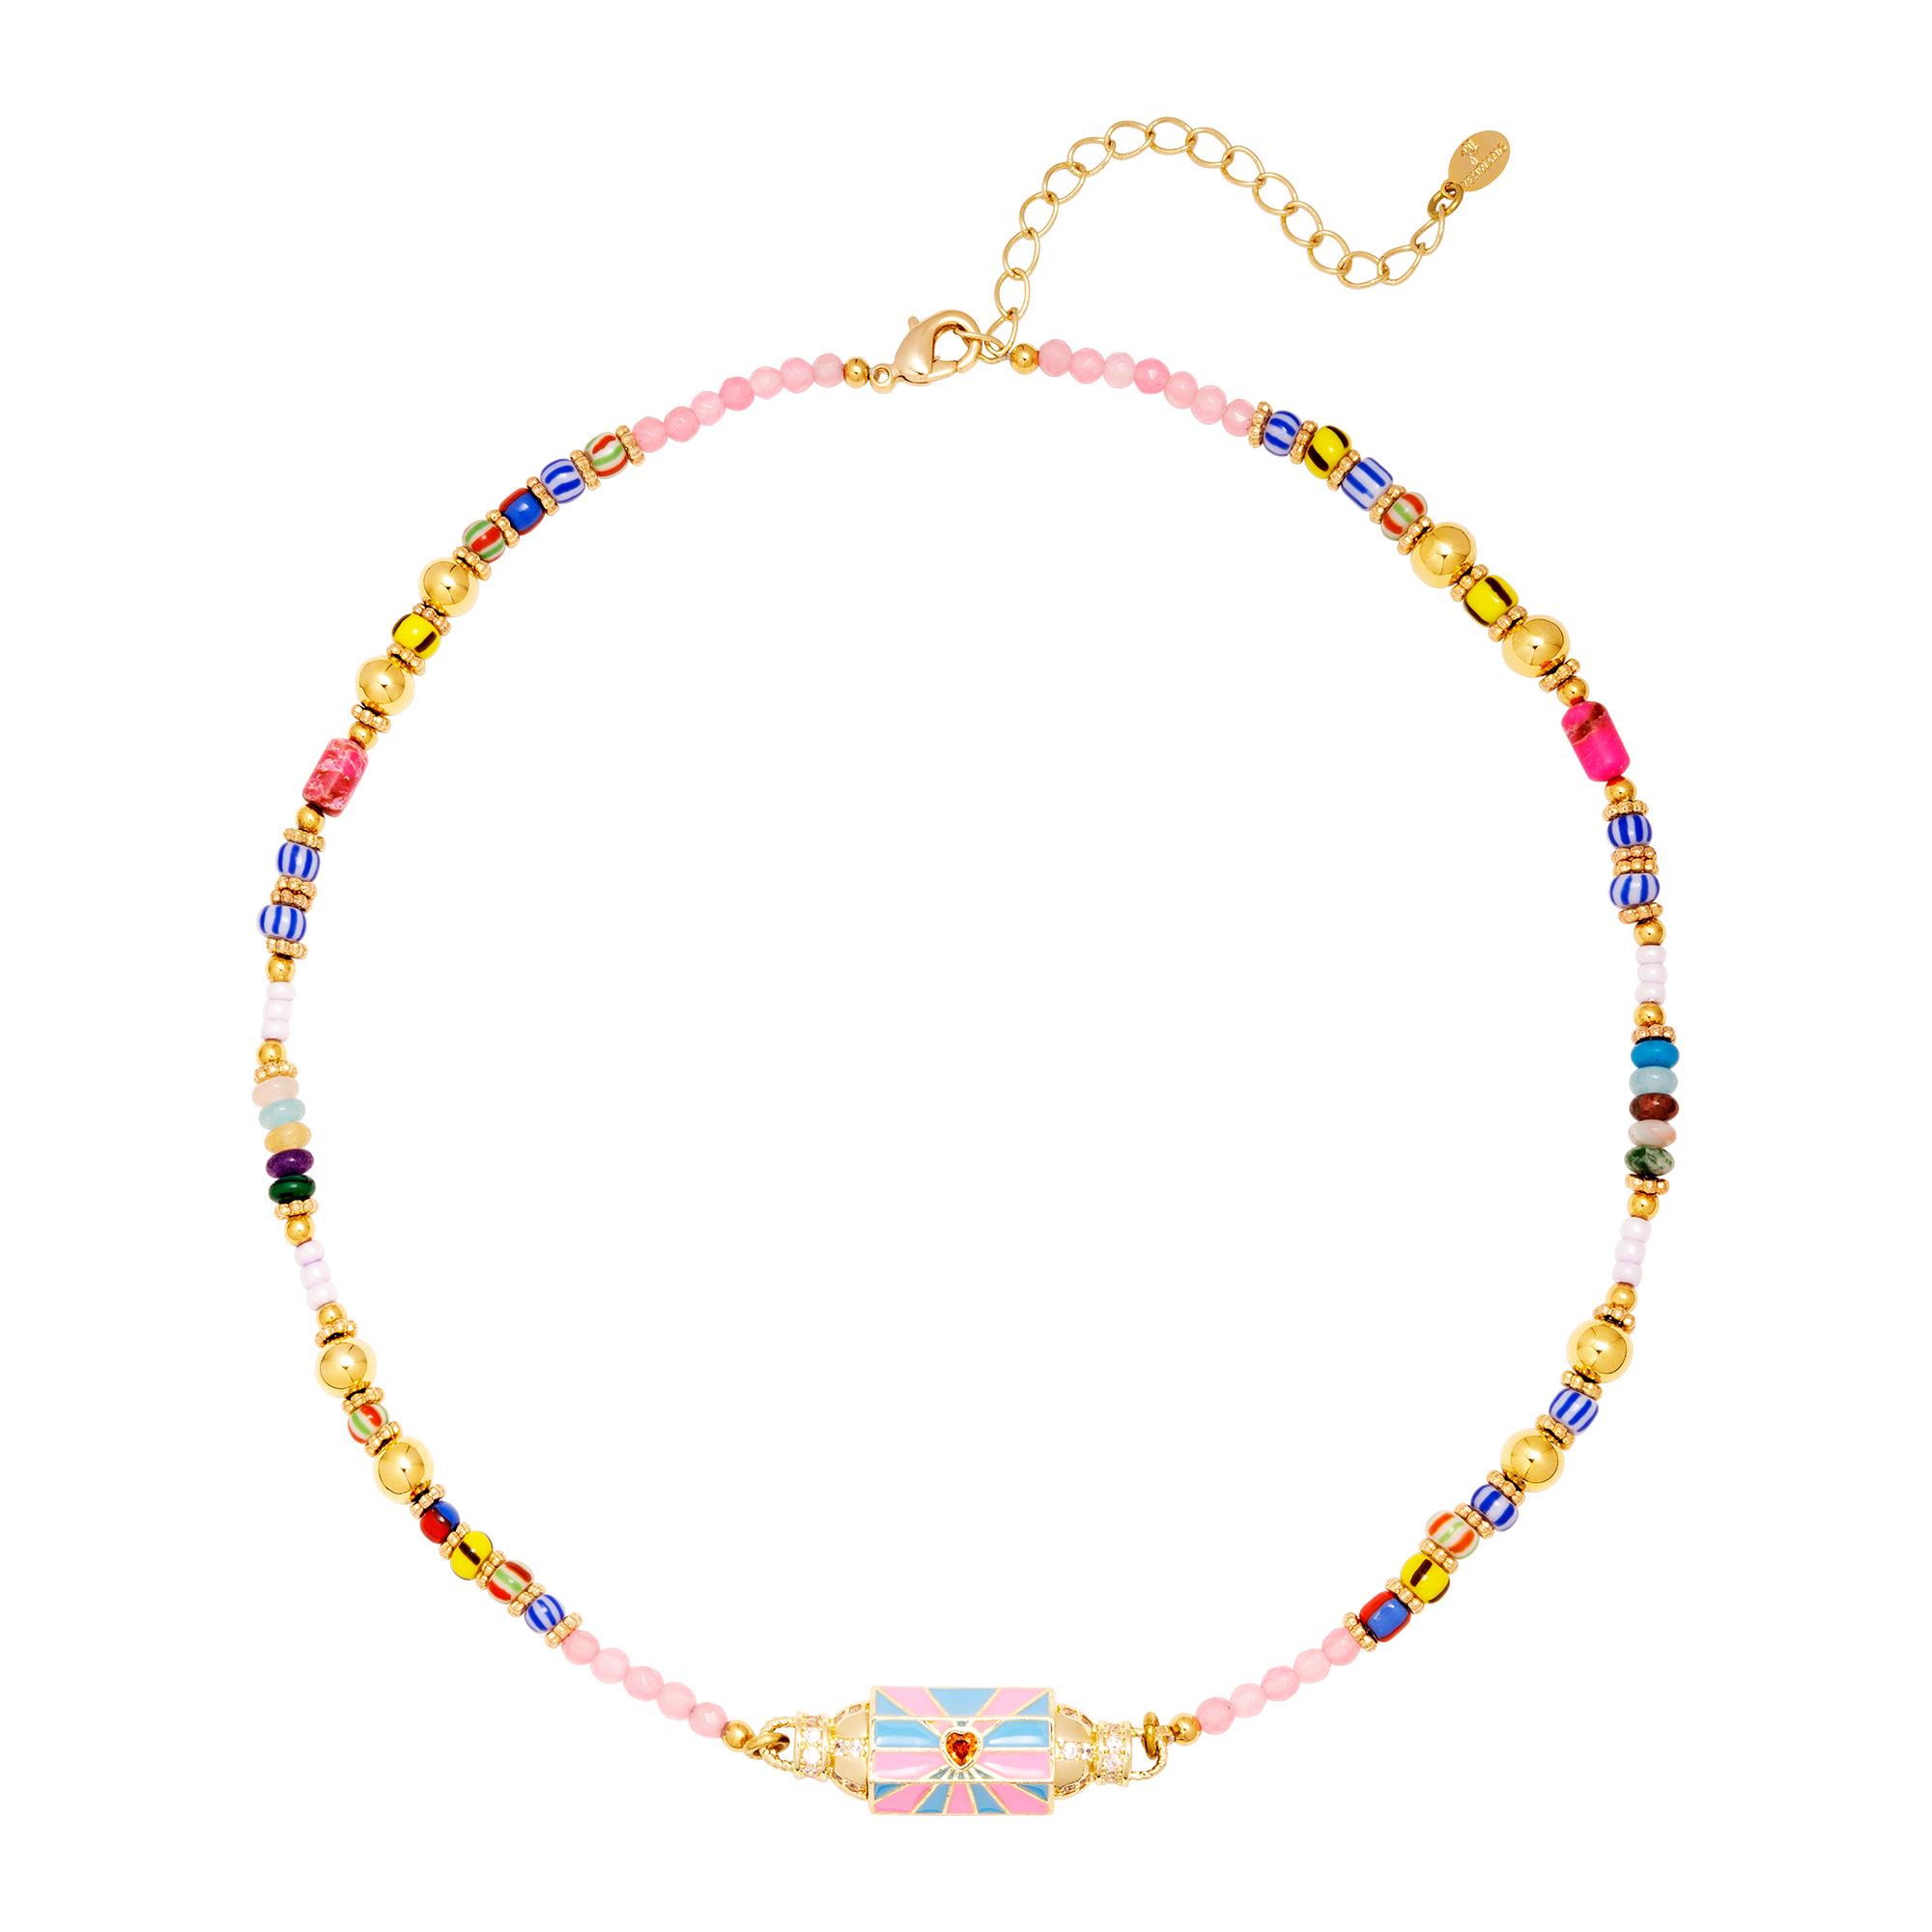 Collier de perles colorées avec perle